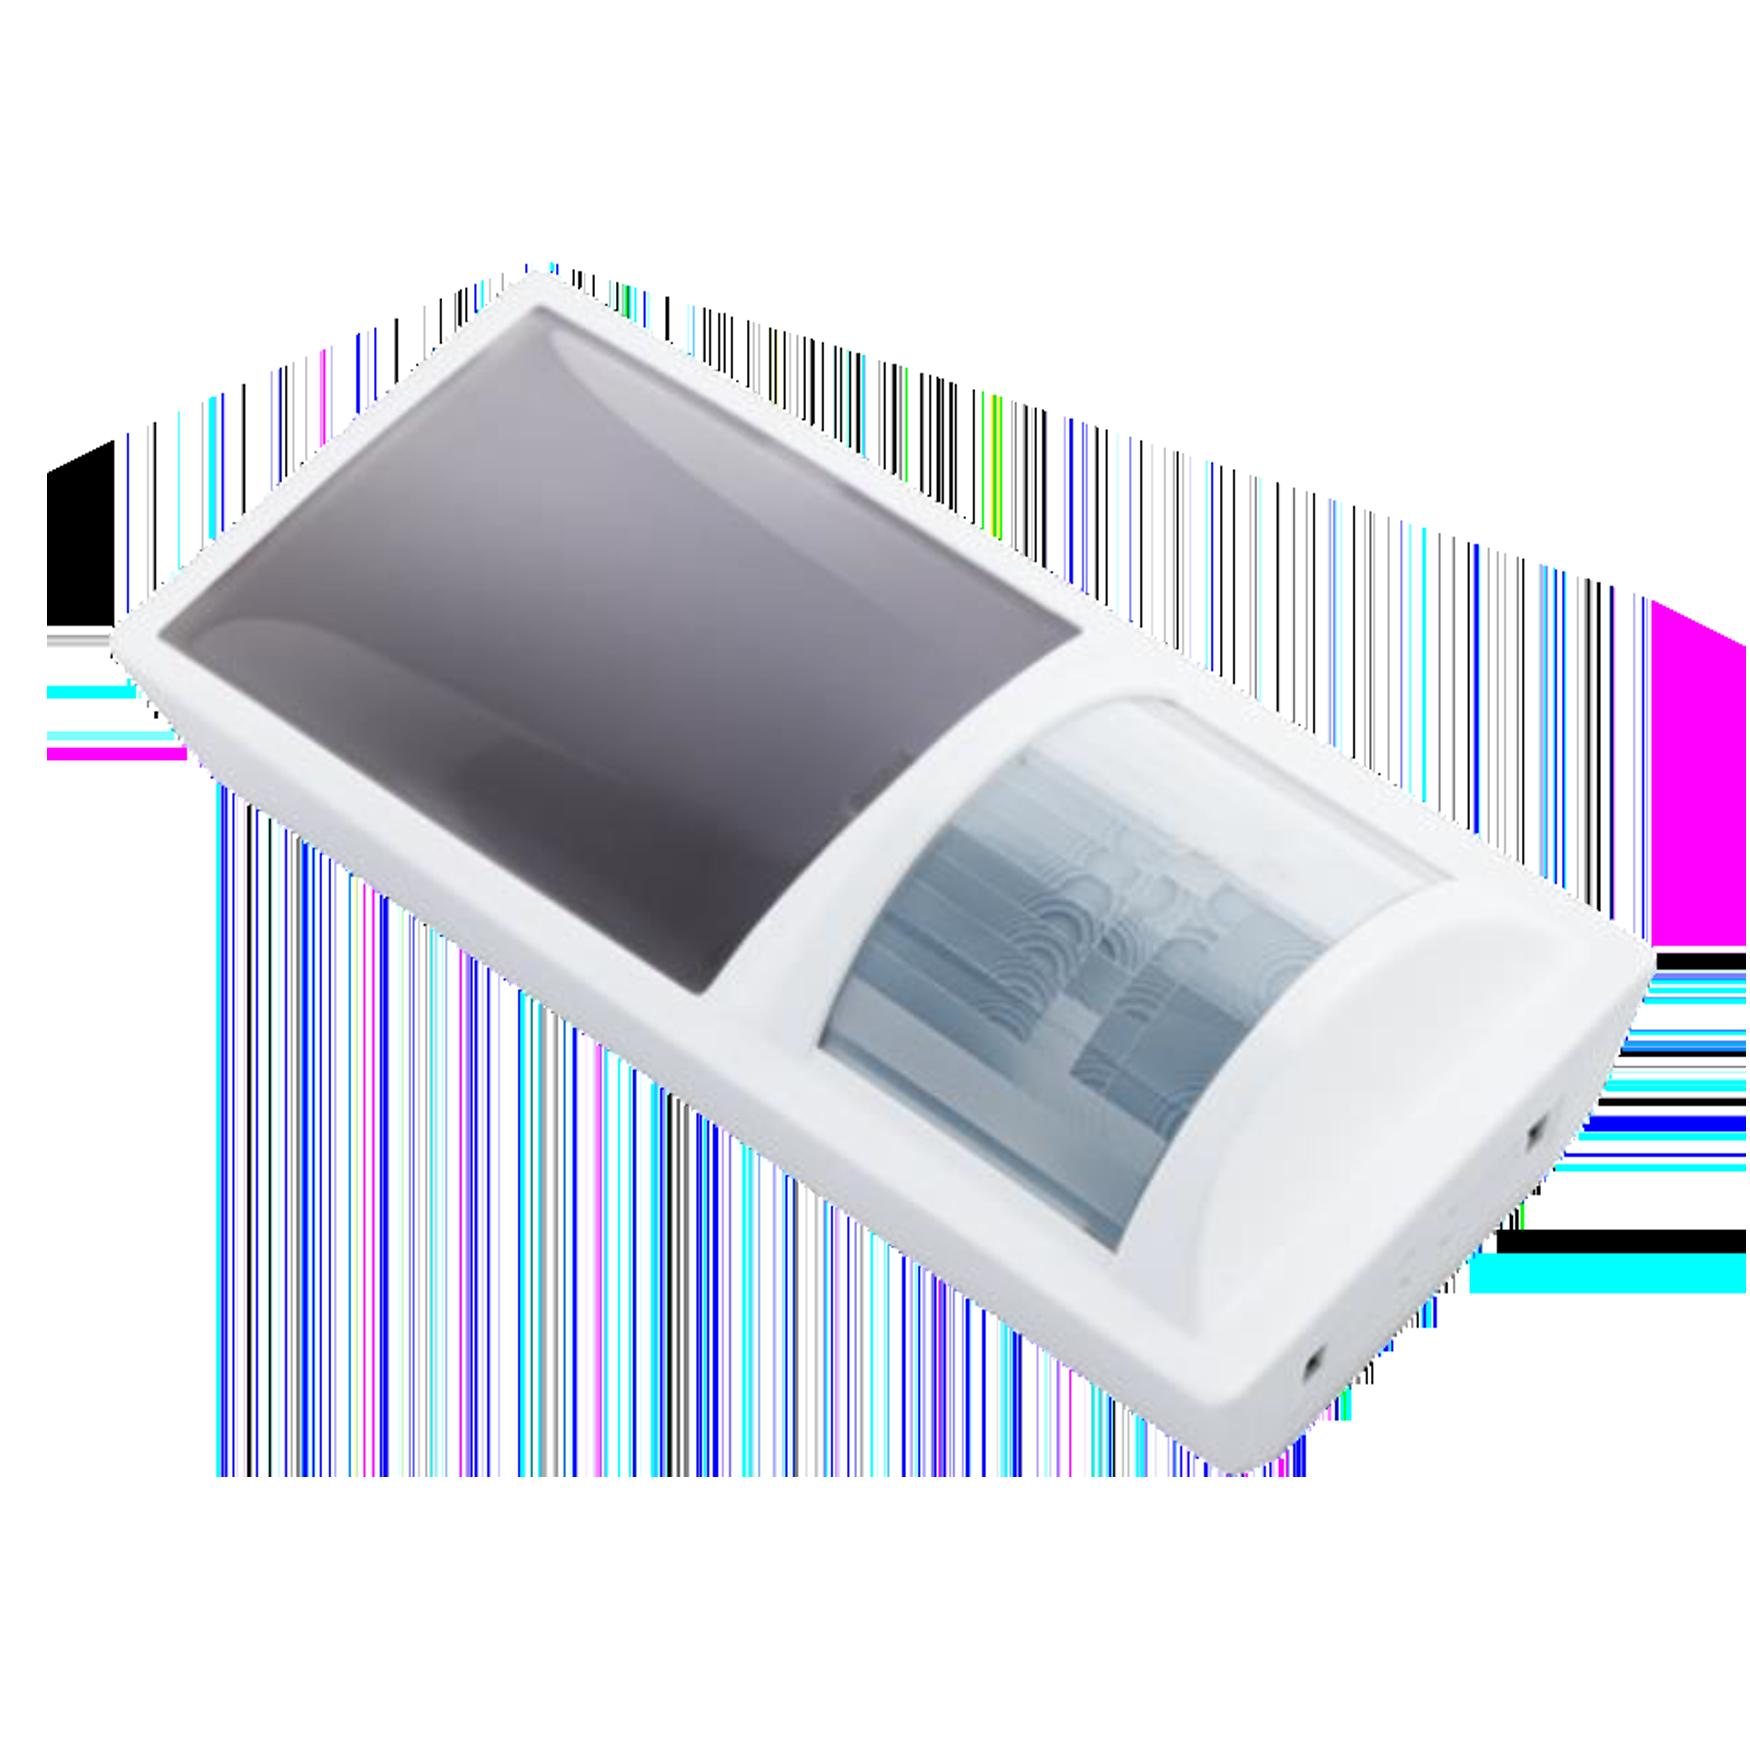 EnOcean Wireless Occupancy Sensor Wall